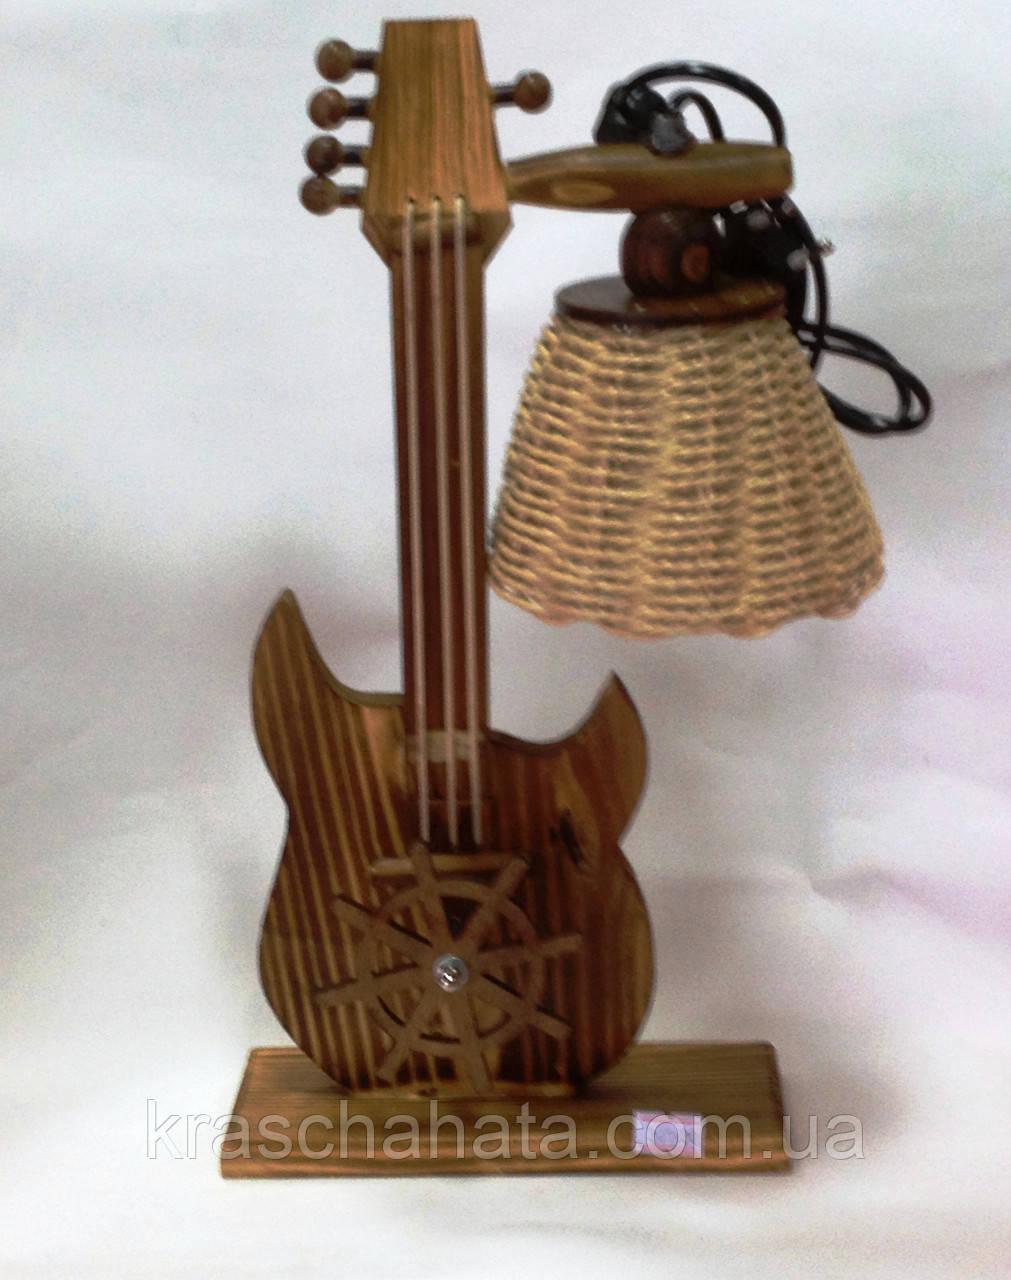 Светильник, Гитара музыкальный, Н34 см, Декор для дома, Освещение для дома, Днепропетровск - Интернет-магазин «Краща хата» в Днепре